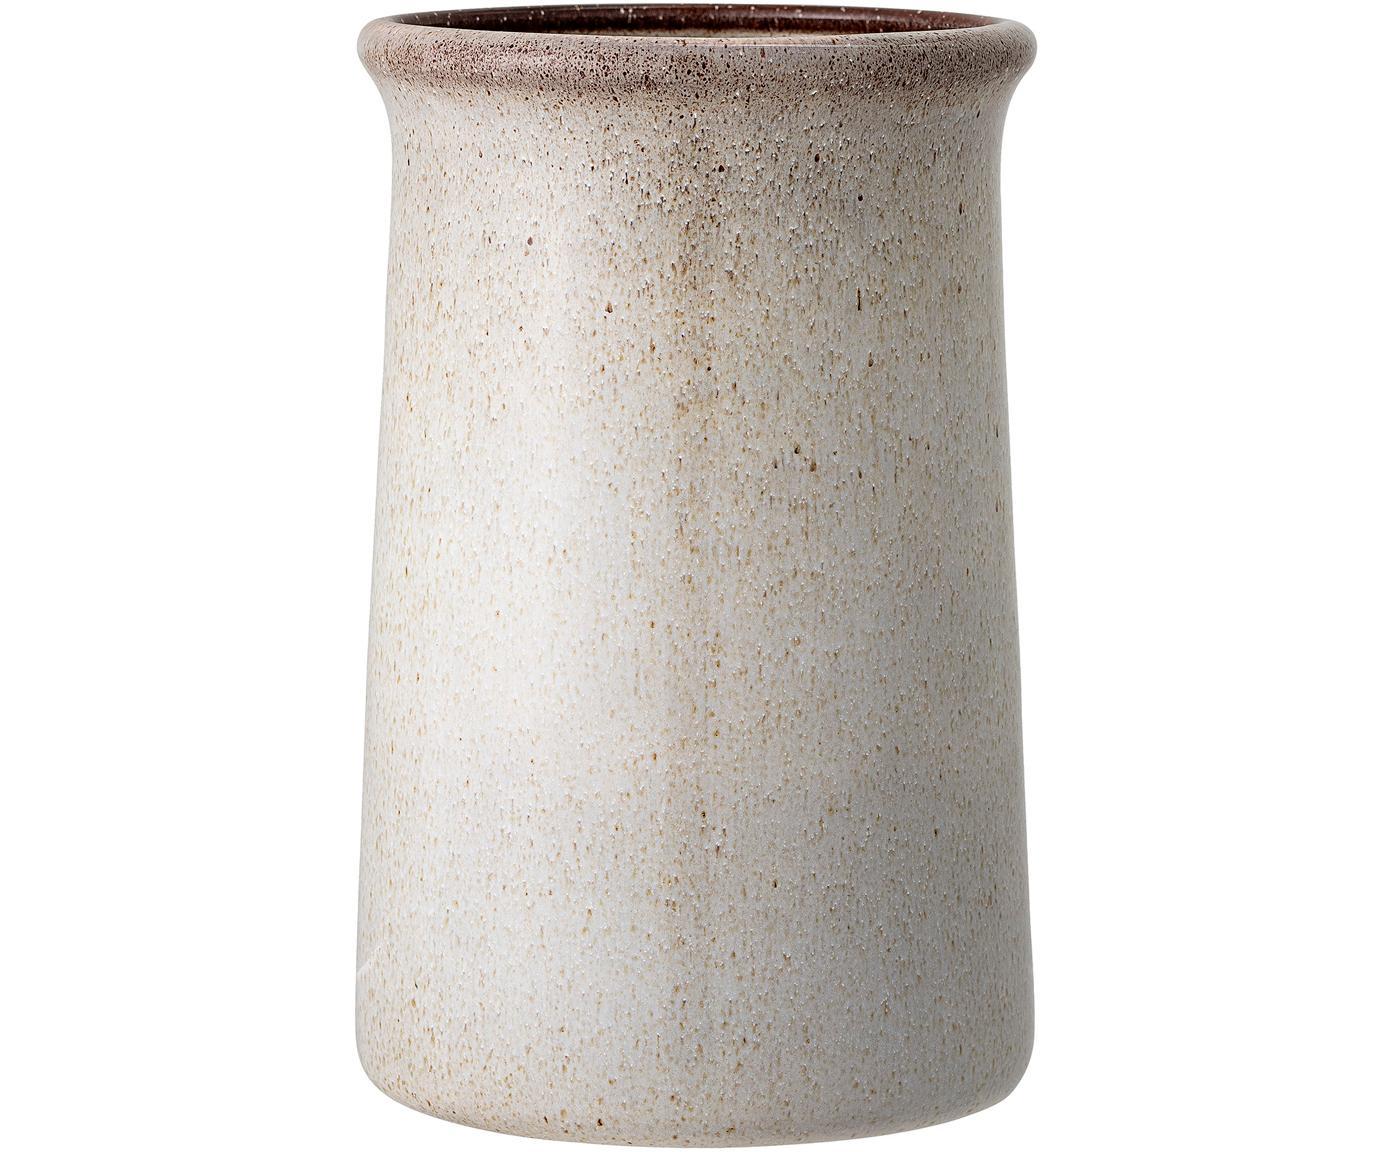 Cubitera Sandrine, Gres, Gris, Ø 15 x Al 23 cm